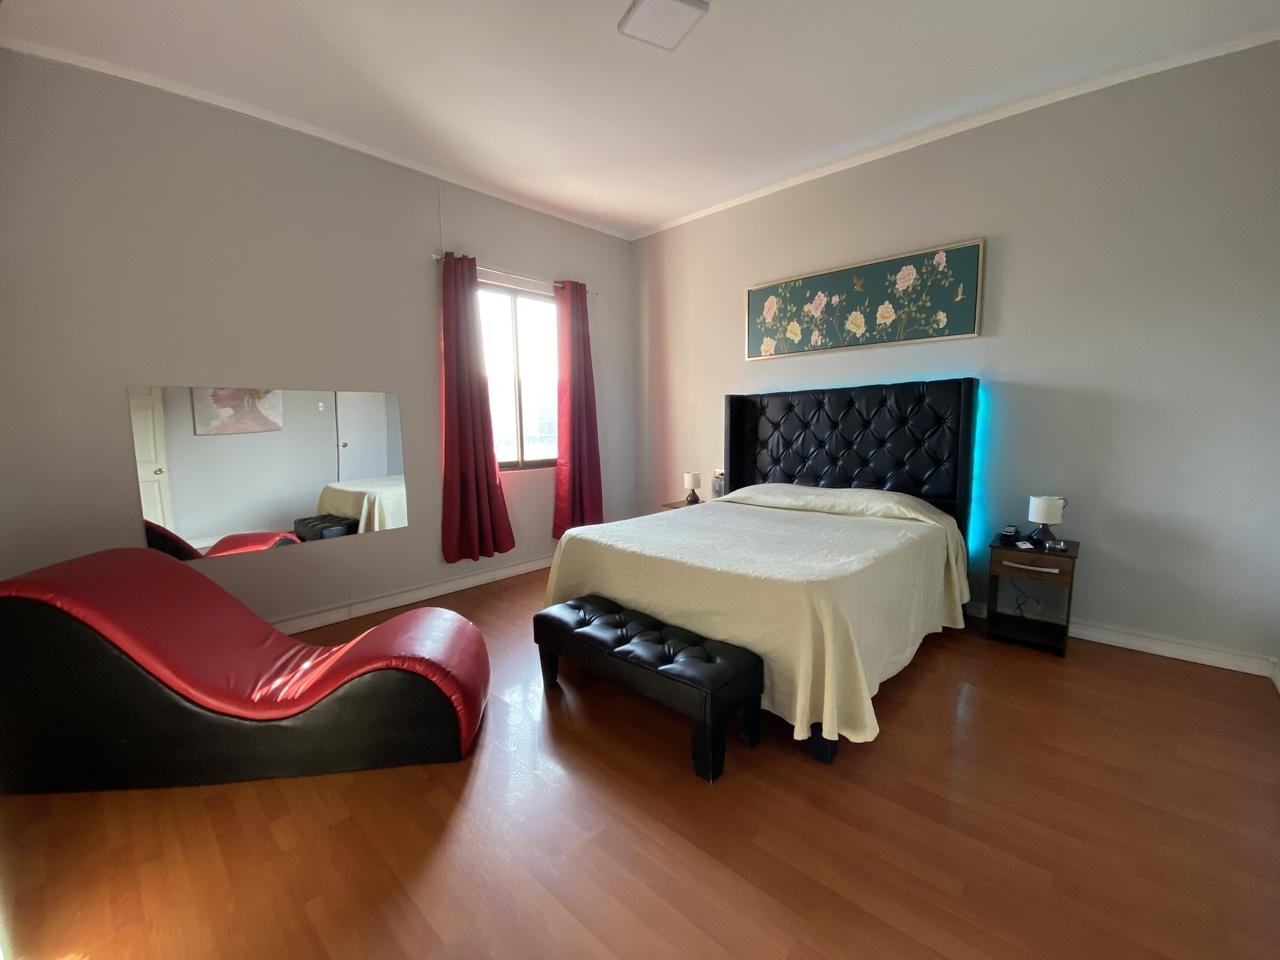 Habitación Tantra en Intimo Hotel Manuel Rodriguez : MotelNow